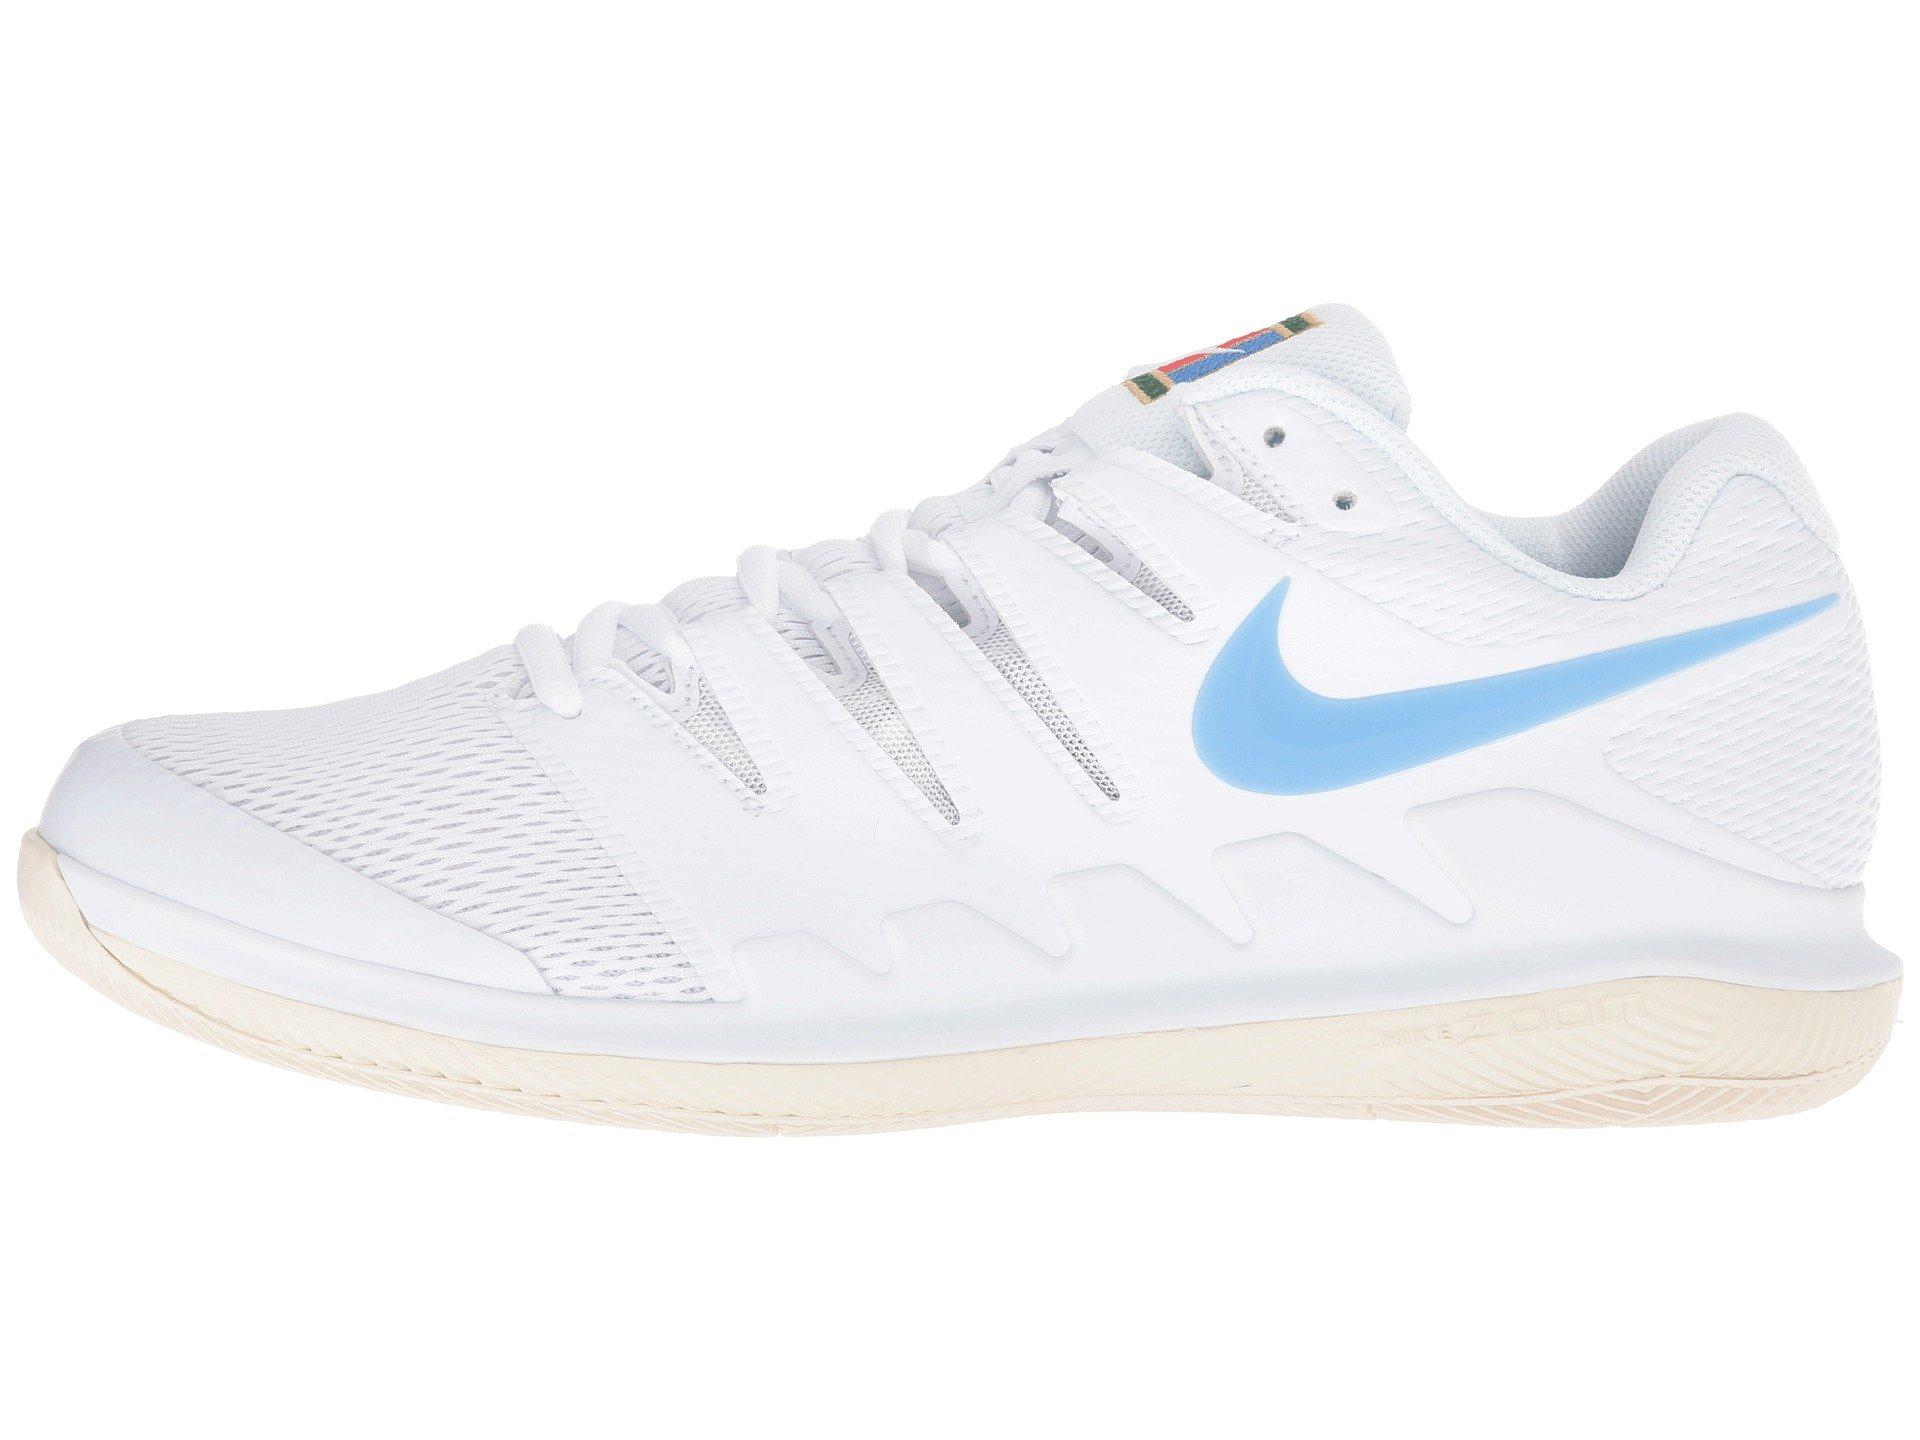 separation shoes 31dd4 944c9 Galleon - NIKE Men s Zoom Vapor X Tennis Shoes (12.5 D US, White University  Blue Light Cream)